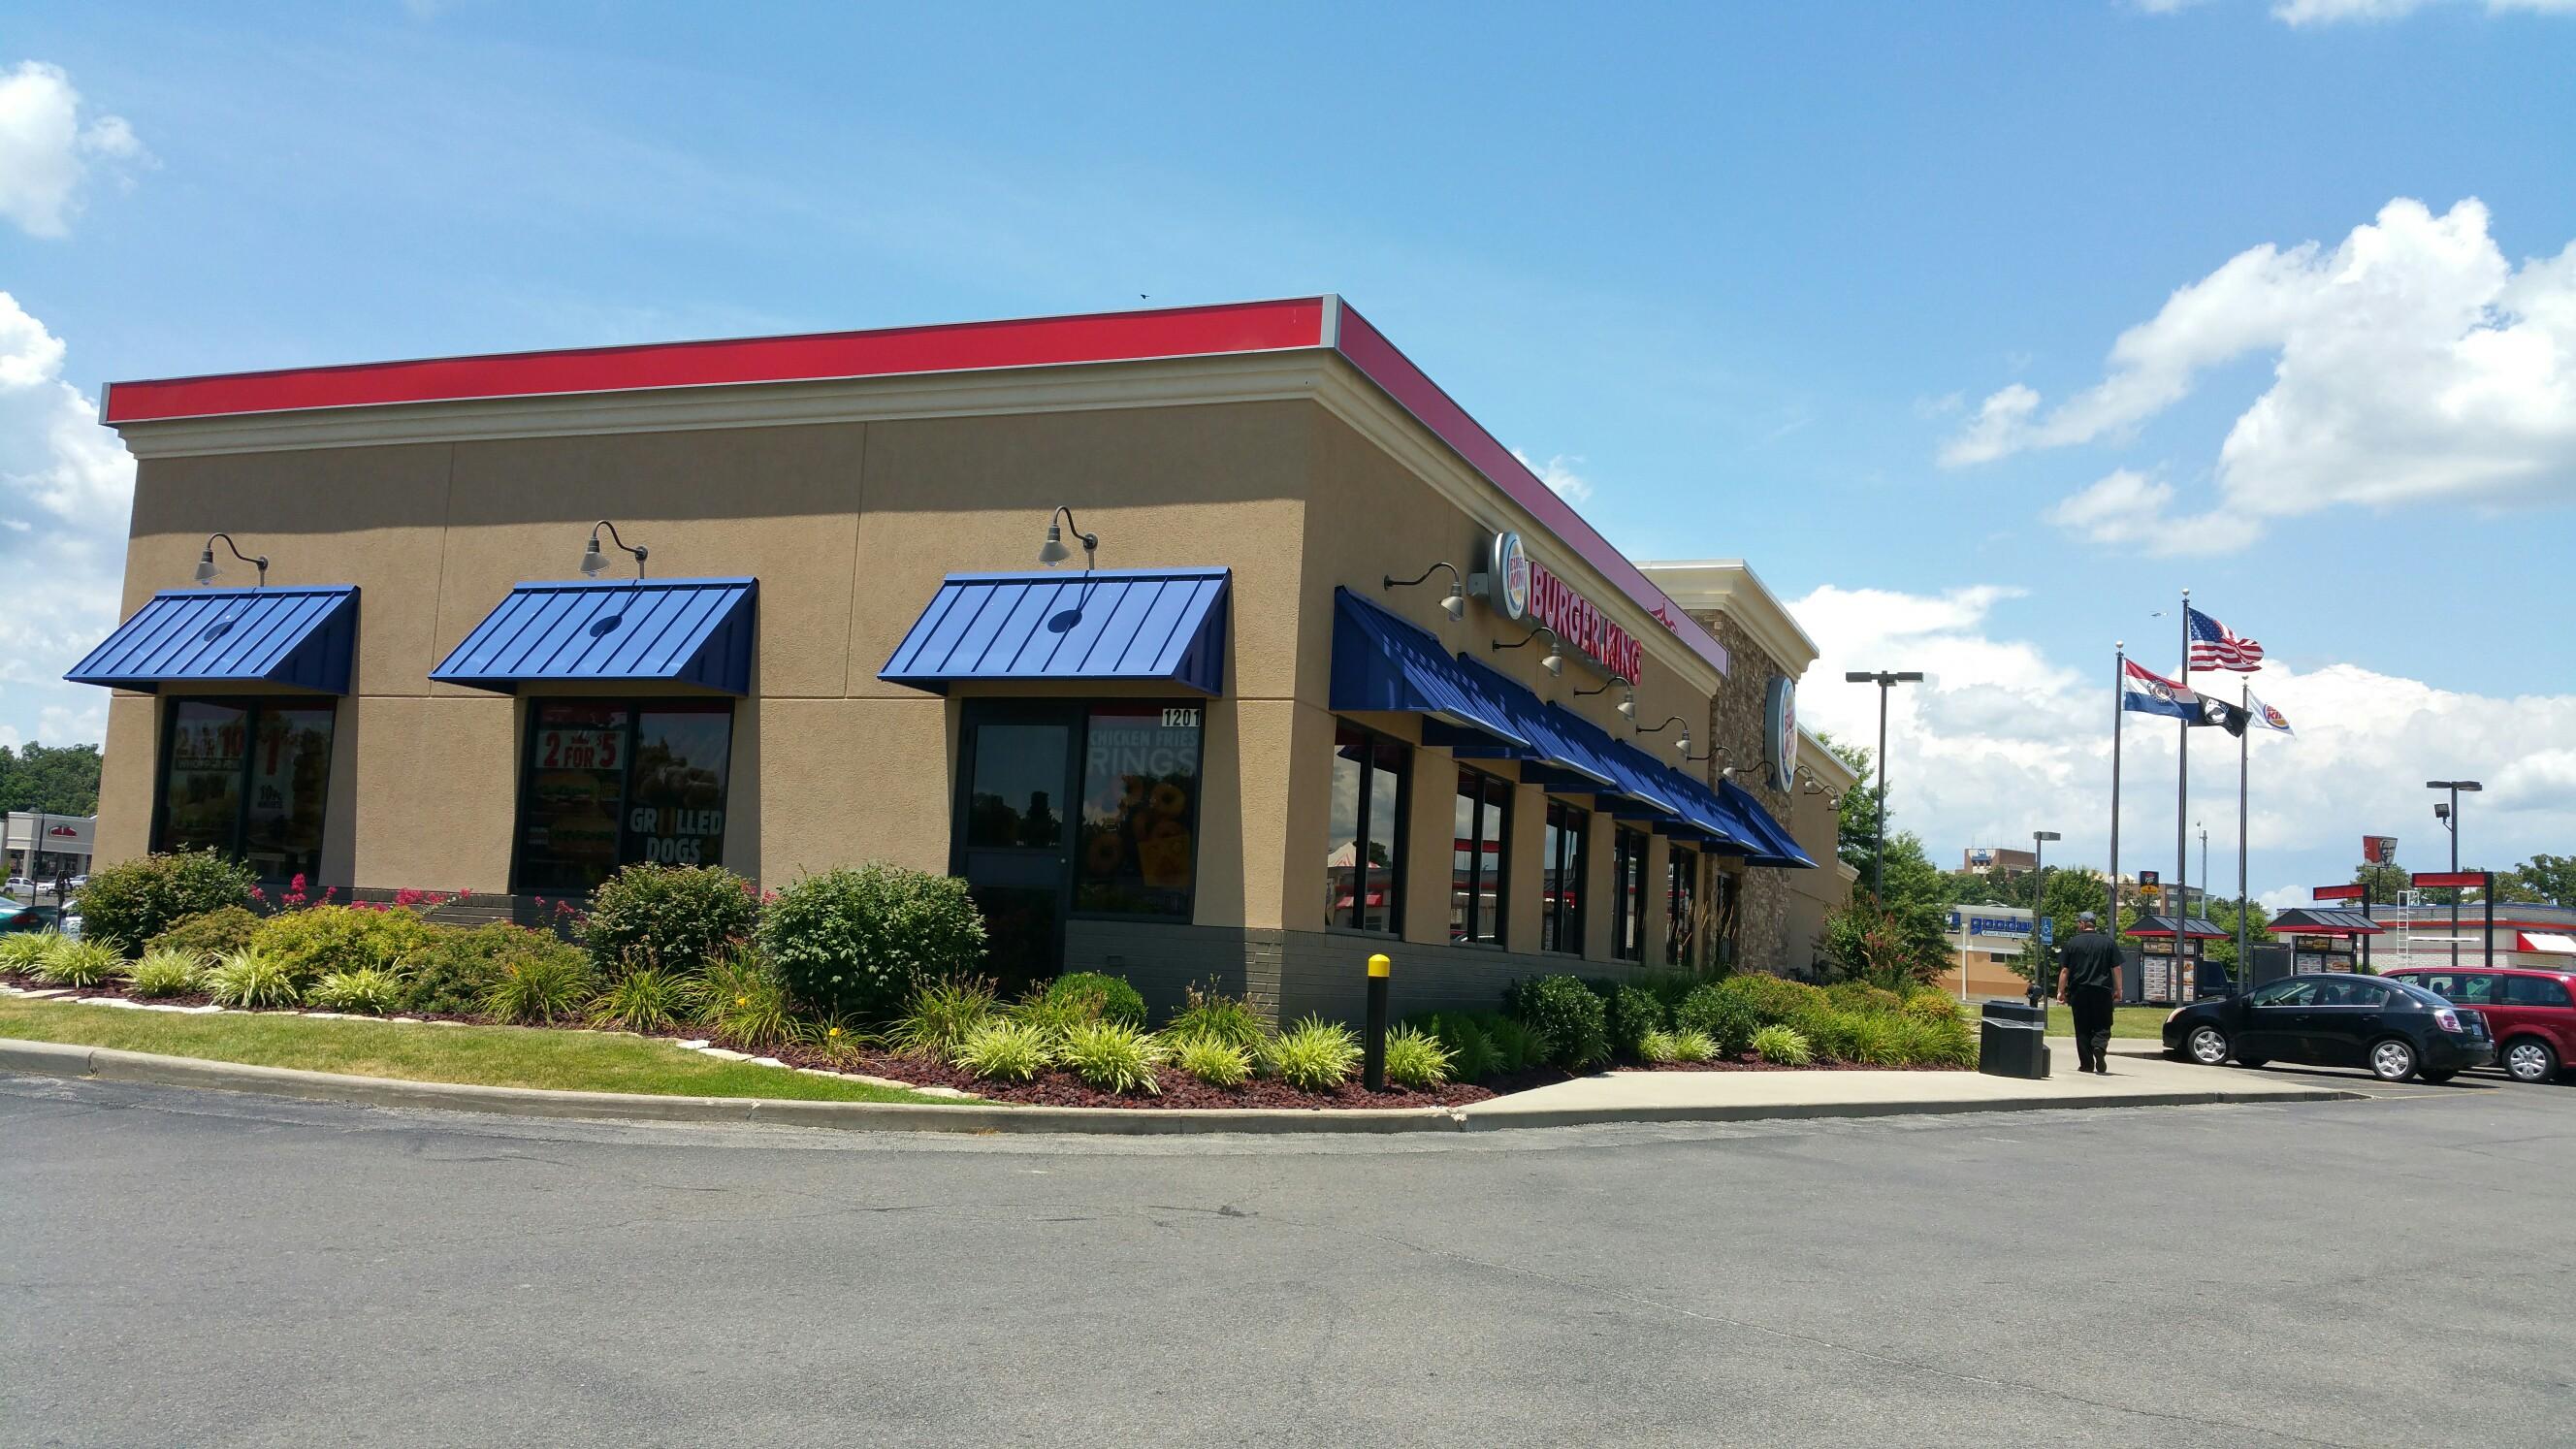 Burger King, Poplar Bluff MO